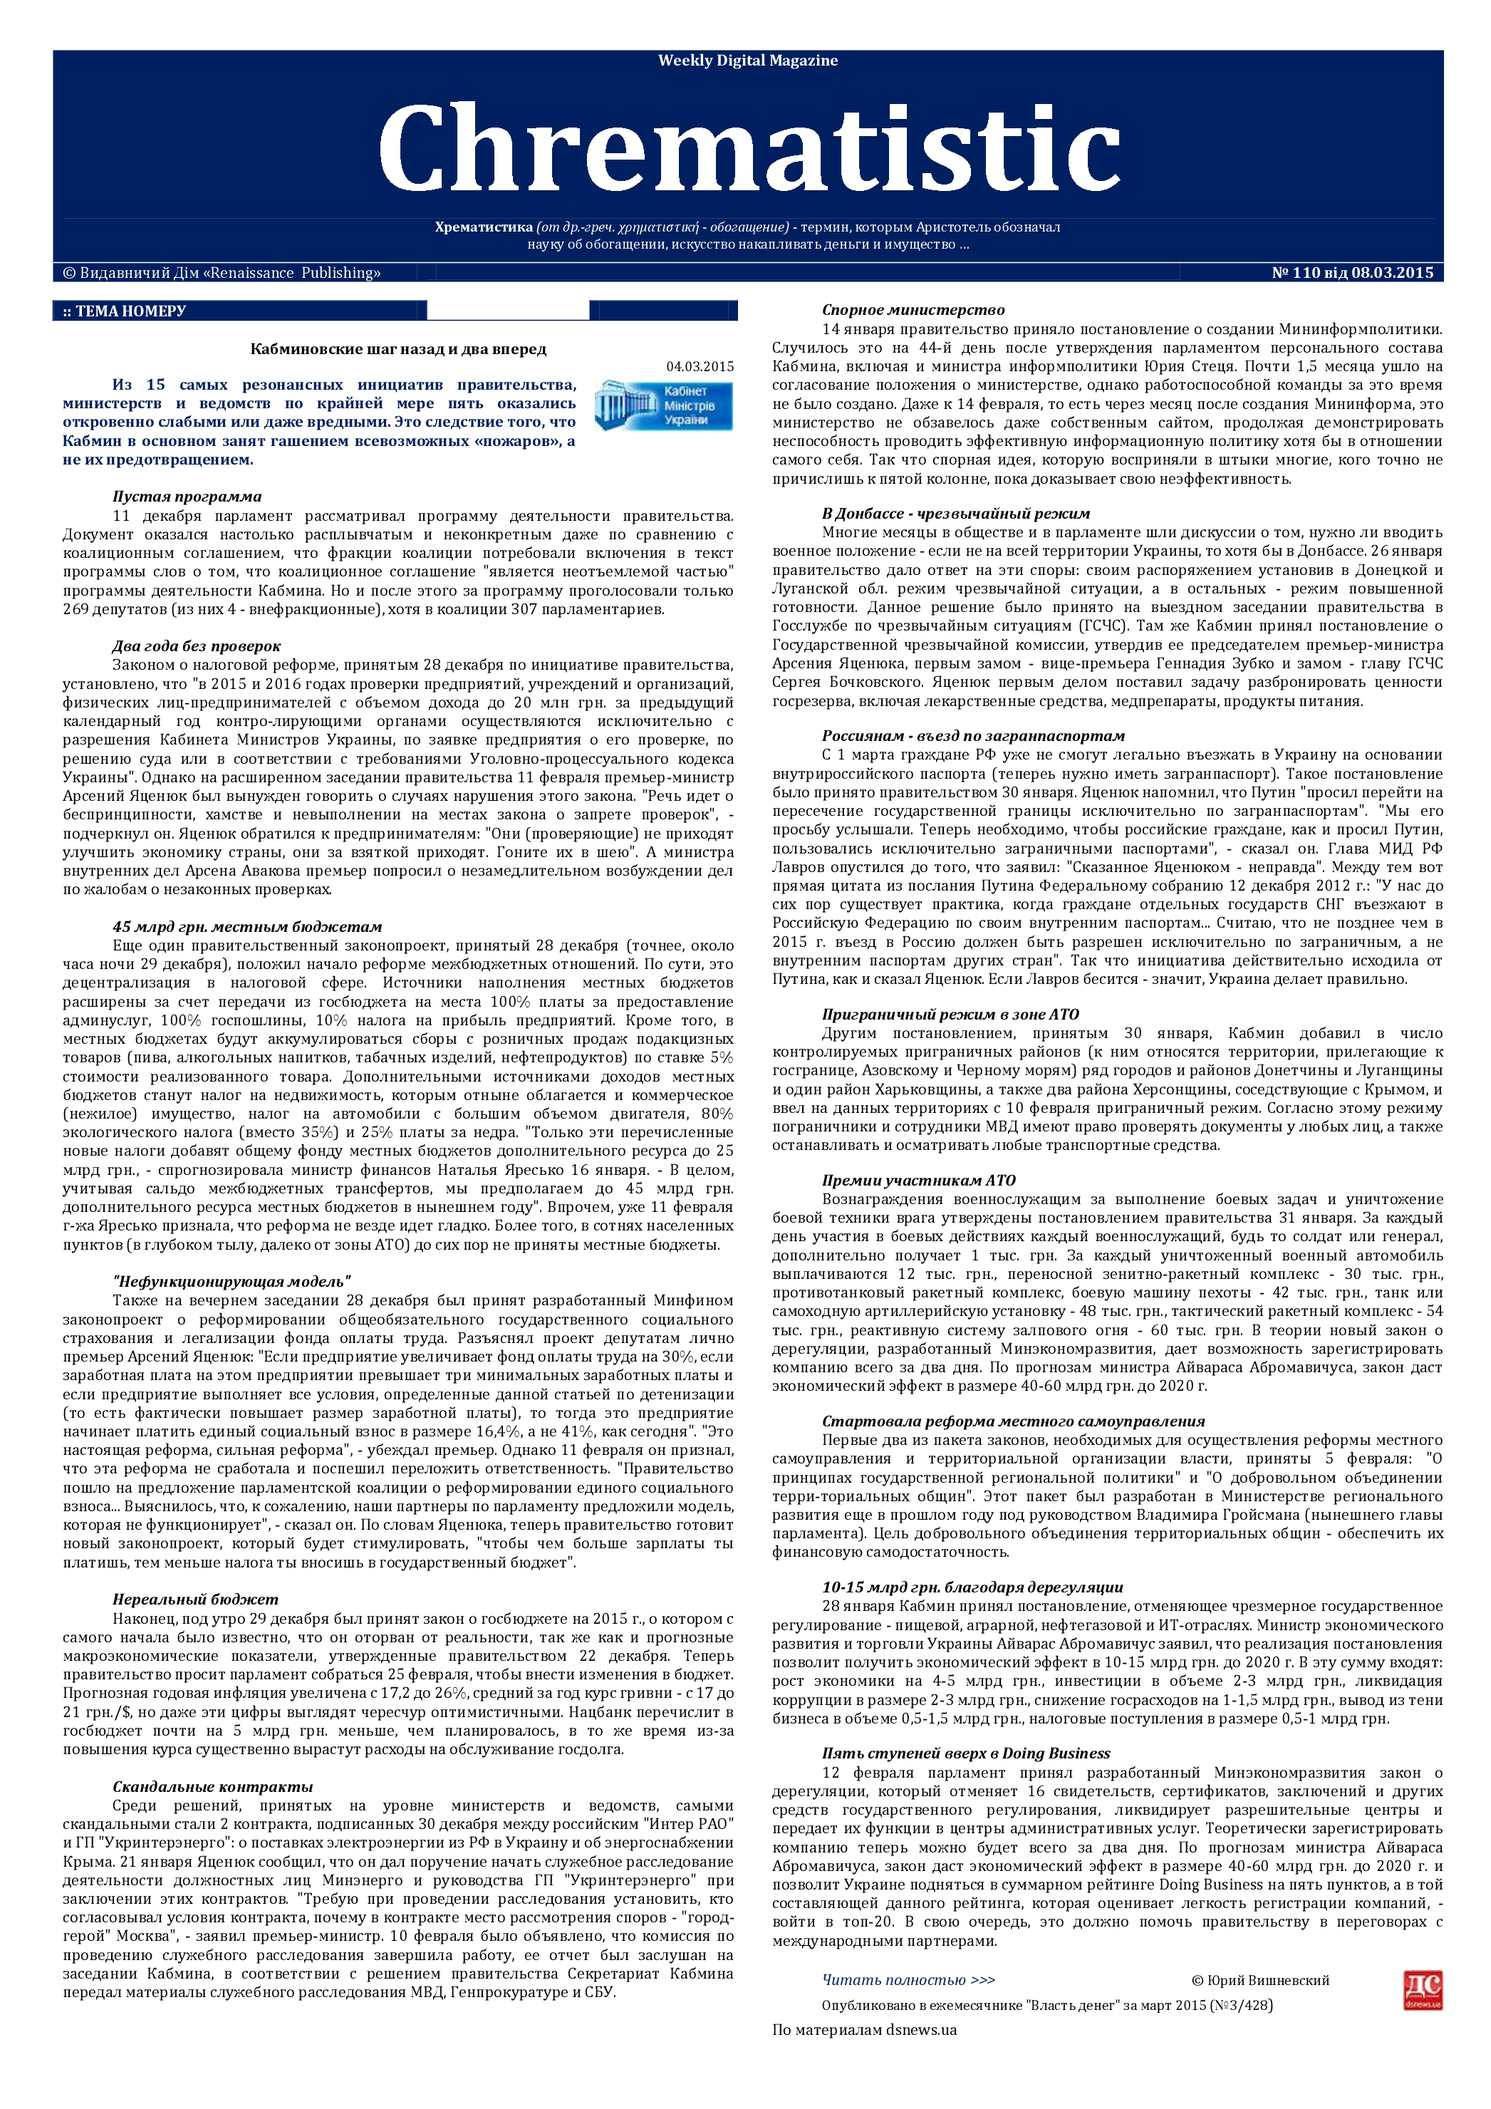 25938 Обговорення реформування системи ОМС: «Ніхто не заперечує медичне страхування, але воно повинно бути більш ефективним»